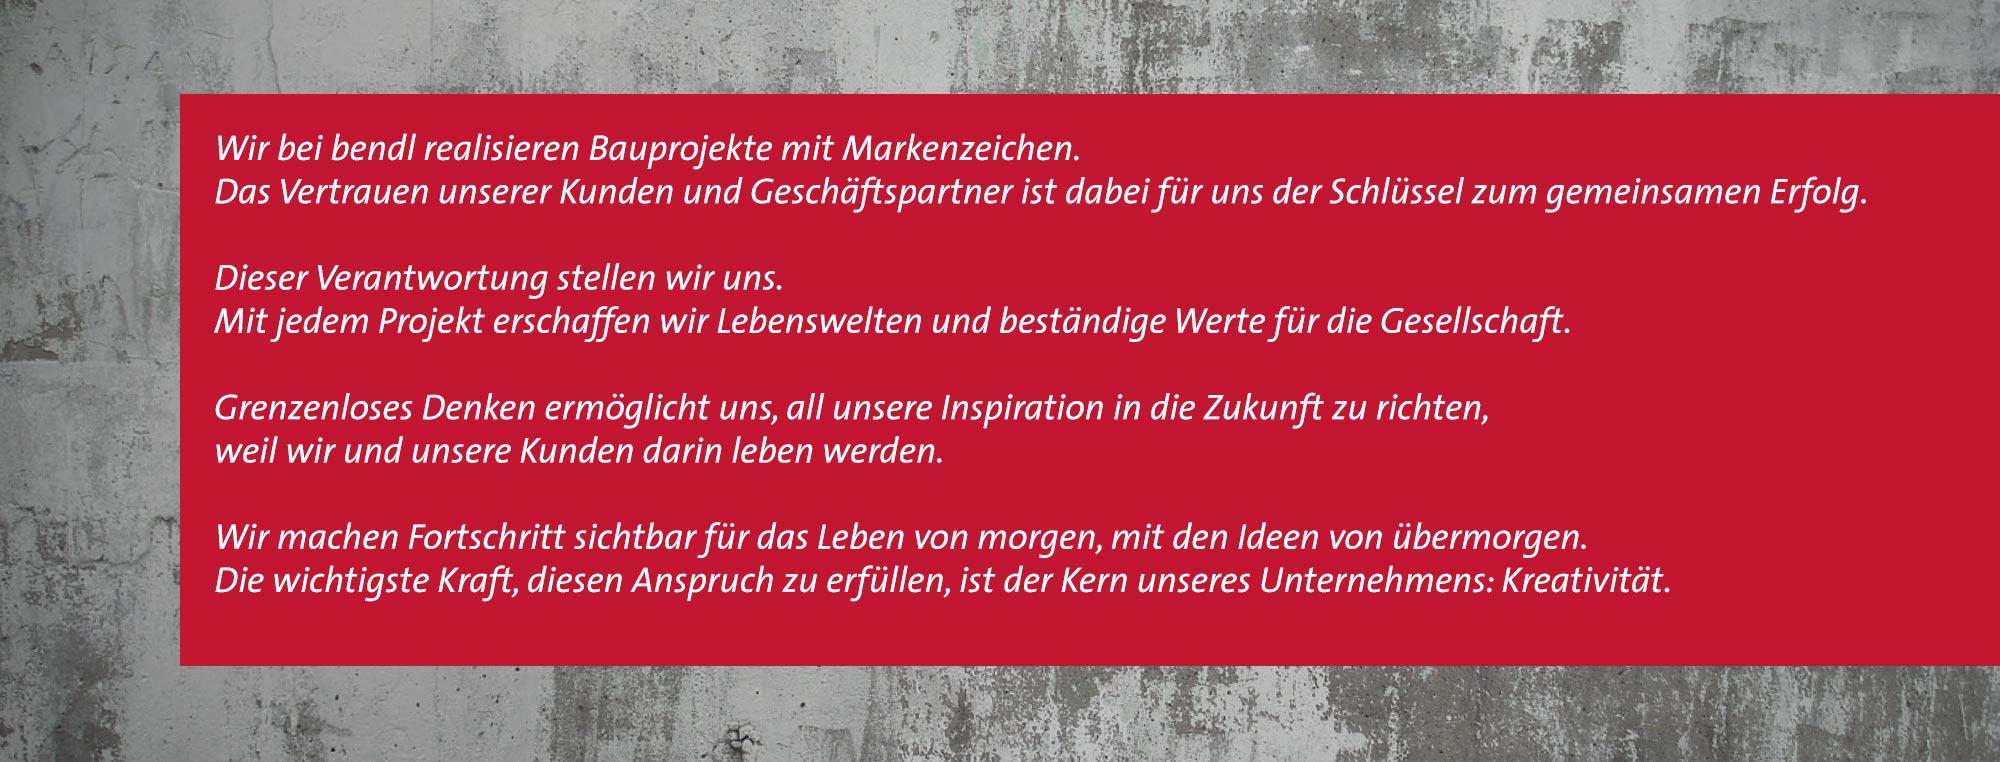 Philosophie Bauunternehmen bendl Günzburg